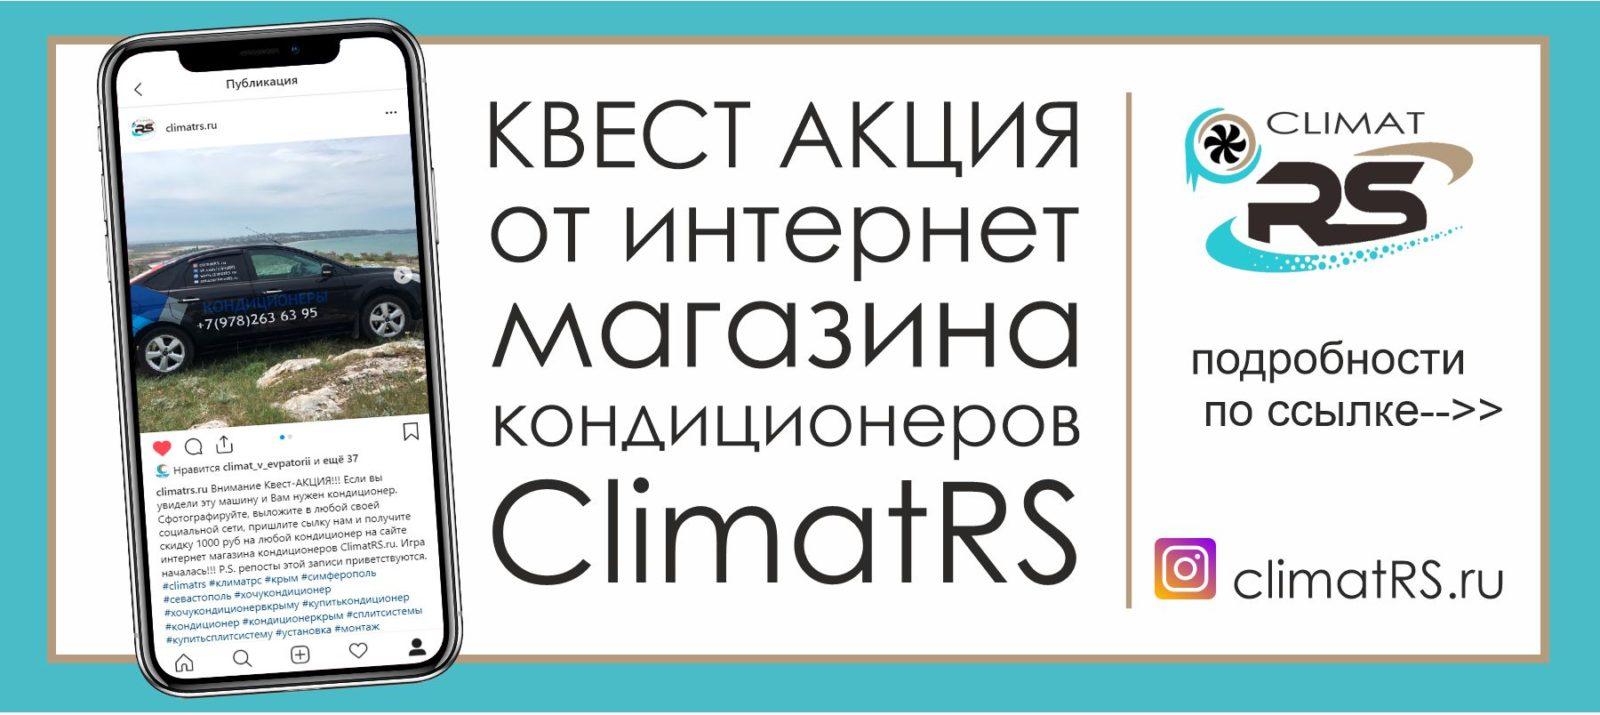 Квест акция от интернет магазина ClimatRS. нашел,сфоткал, выложил в соц сети, прислал ссылку, получил скидку 1000 руб на кондиционер.